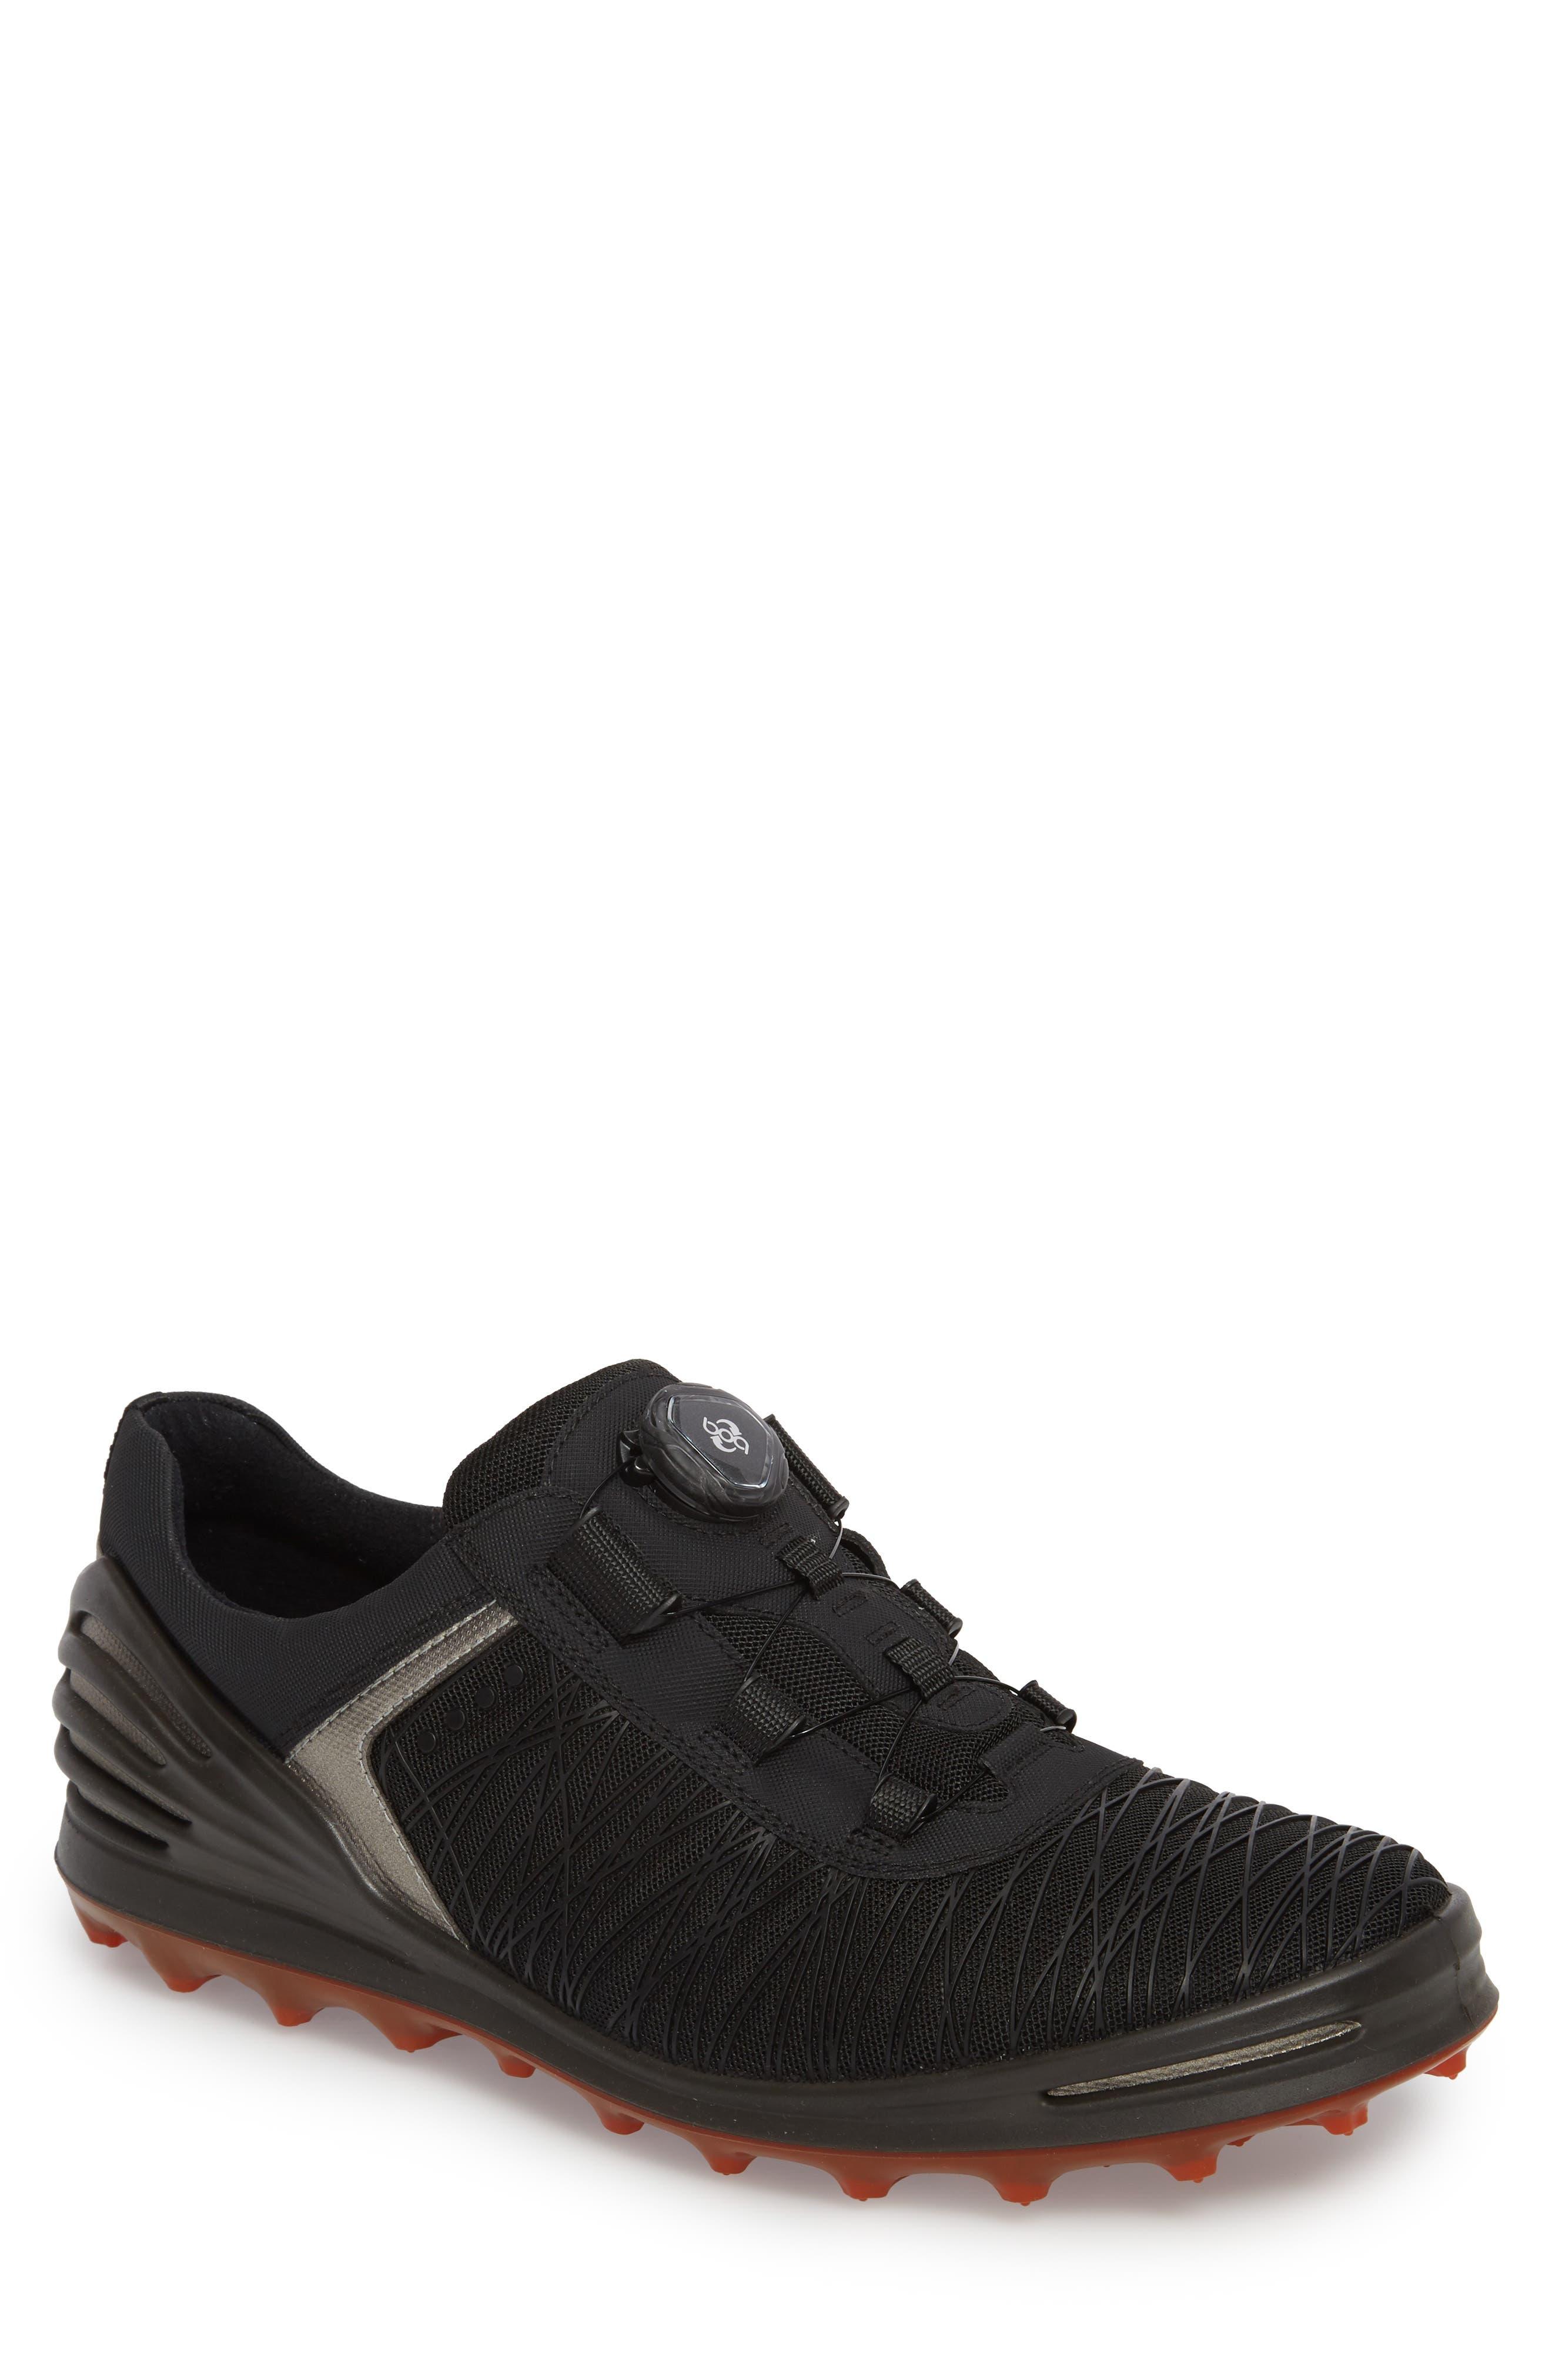 Main Image - ECCO Cage Pro BOA Golf Shoe (Men)